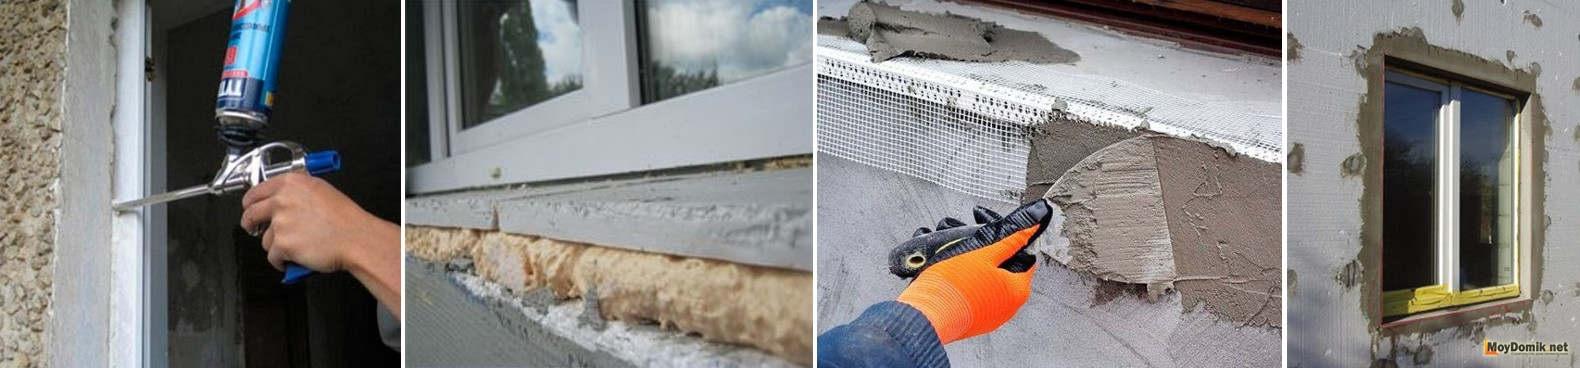 Как утеплить окна пластиковые: особенности и подбор теплоизолятора